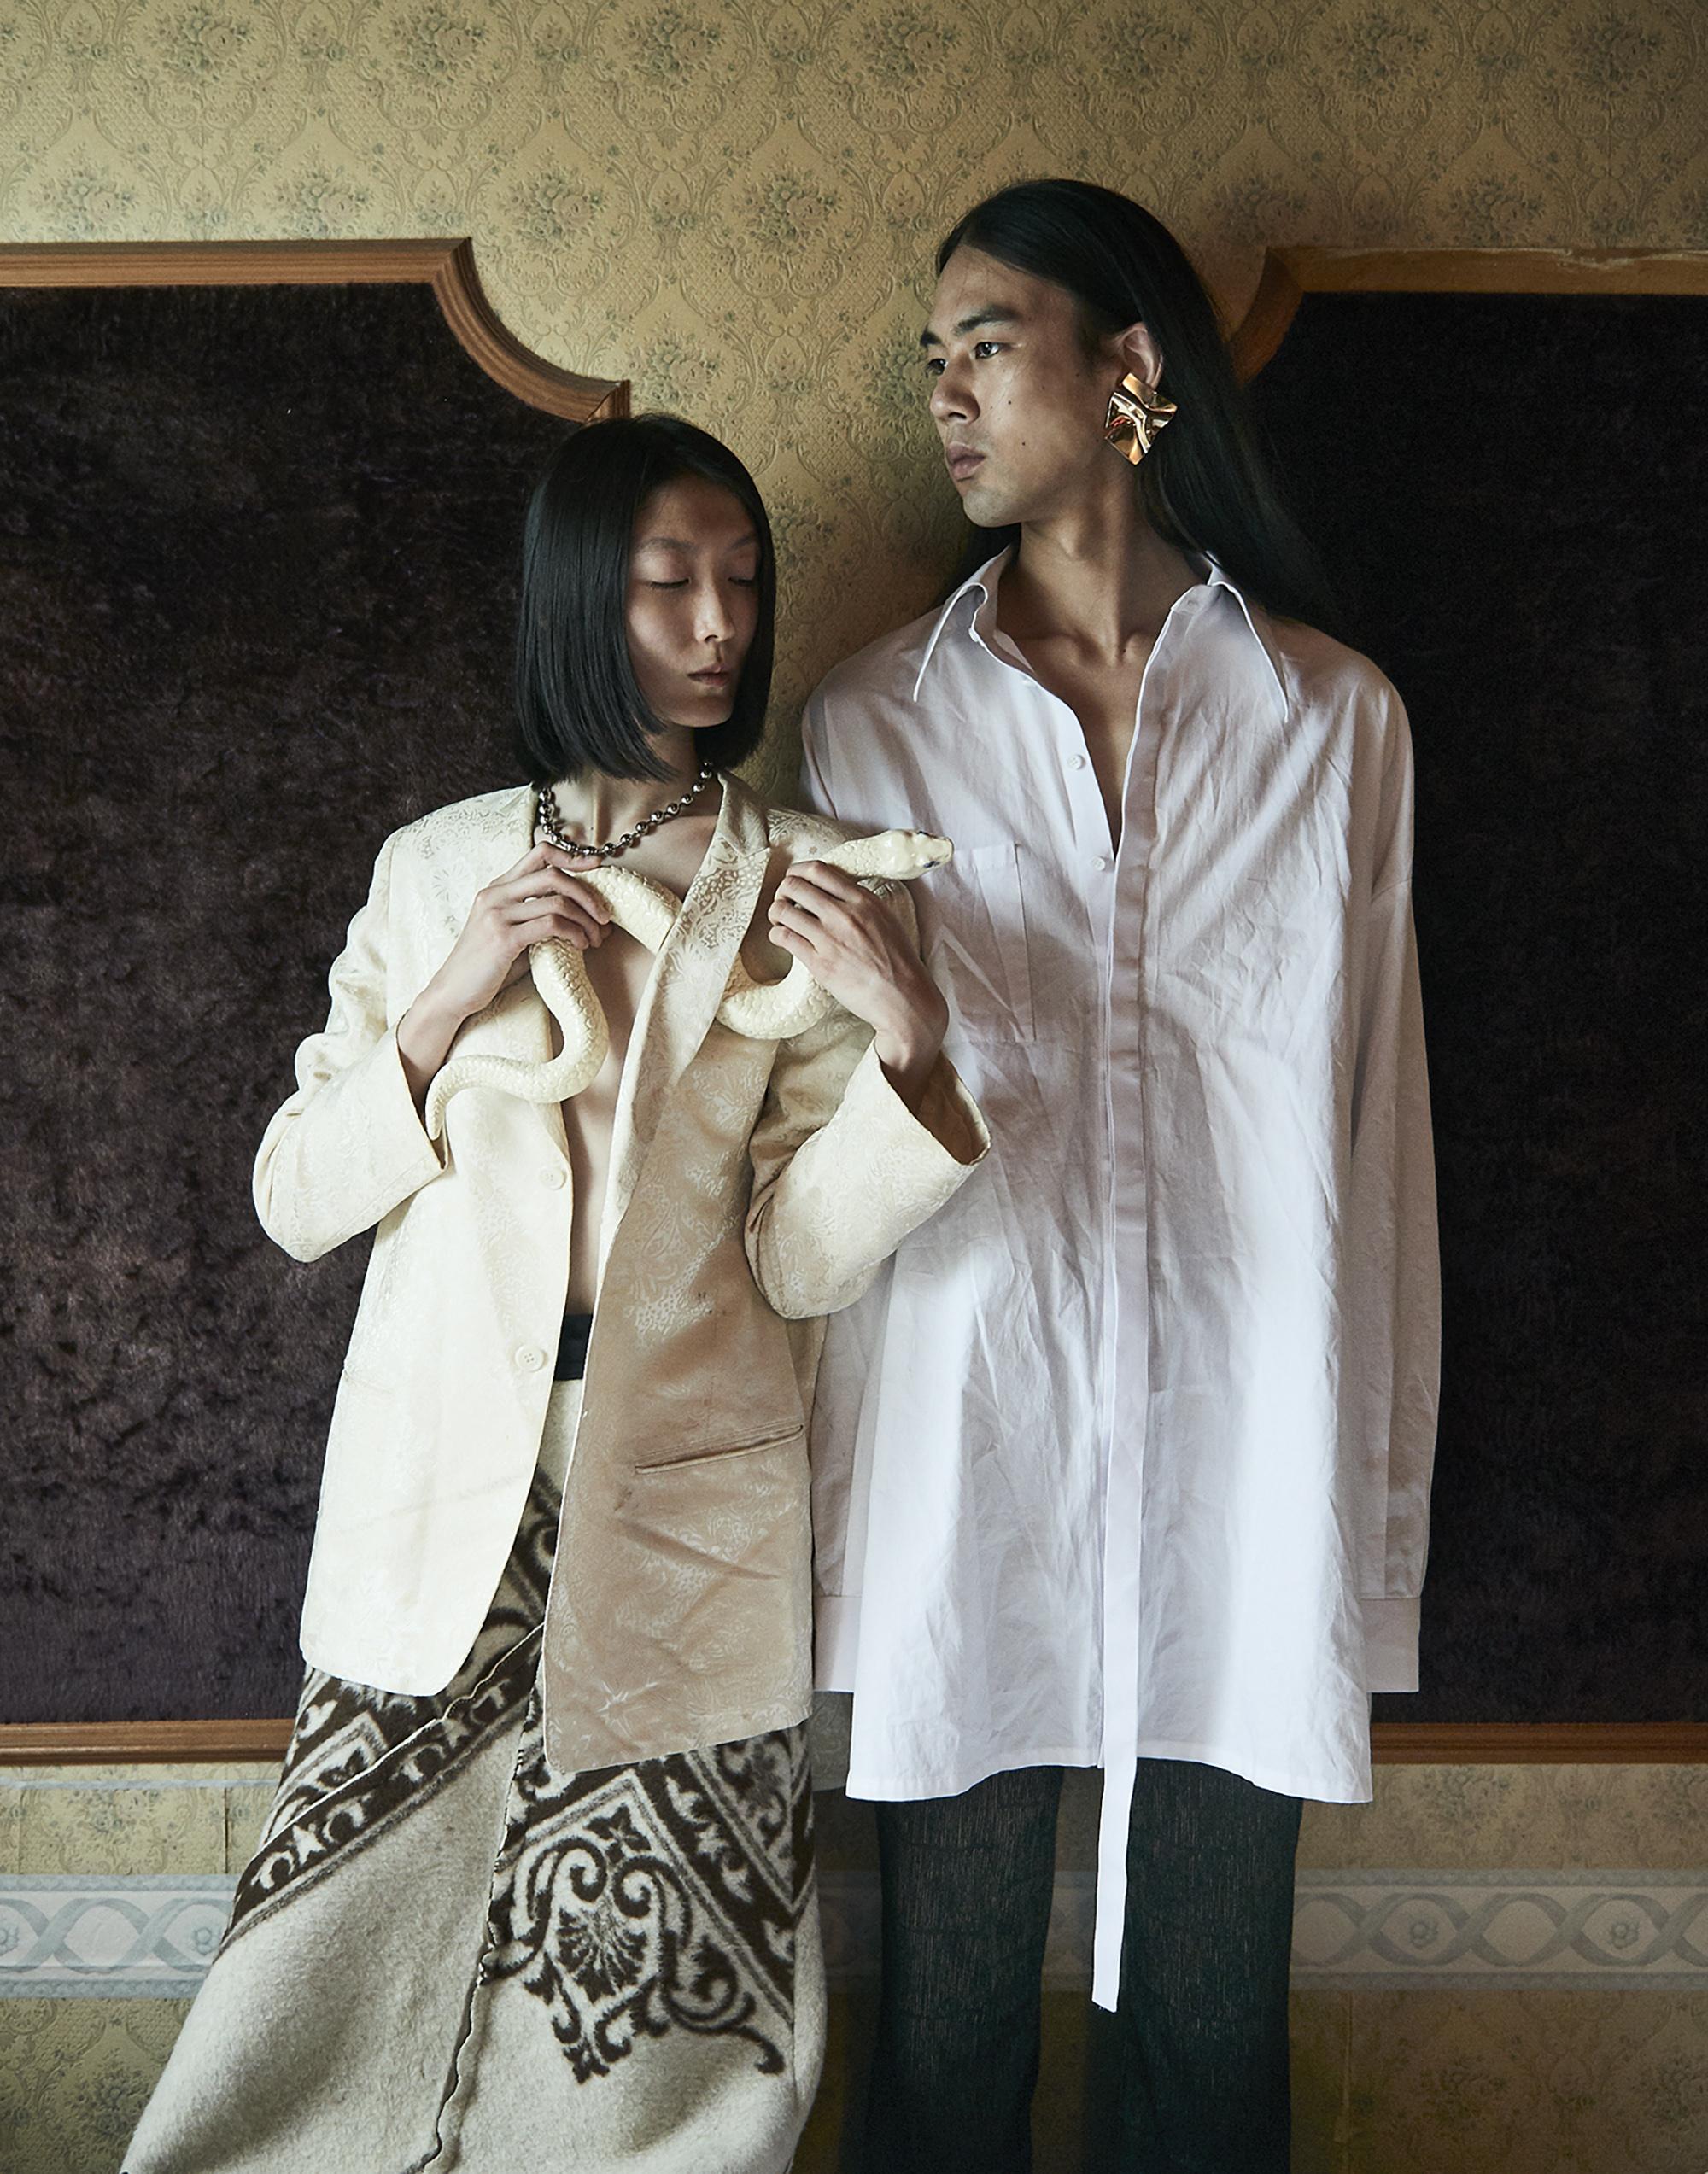 Woman Shirts  Comme des Garcons   Man Shirt  Helmut lang  Tights stylist own  Ceramic:  Kilala Iriyama  @kilala72